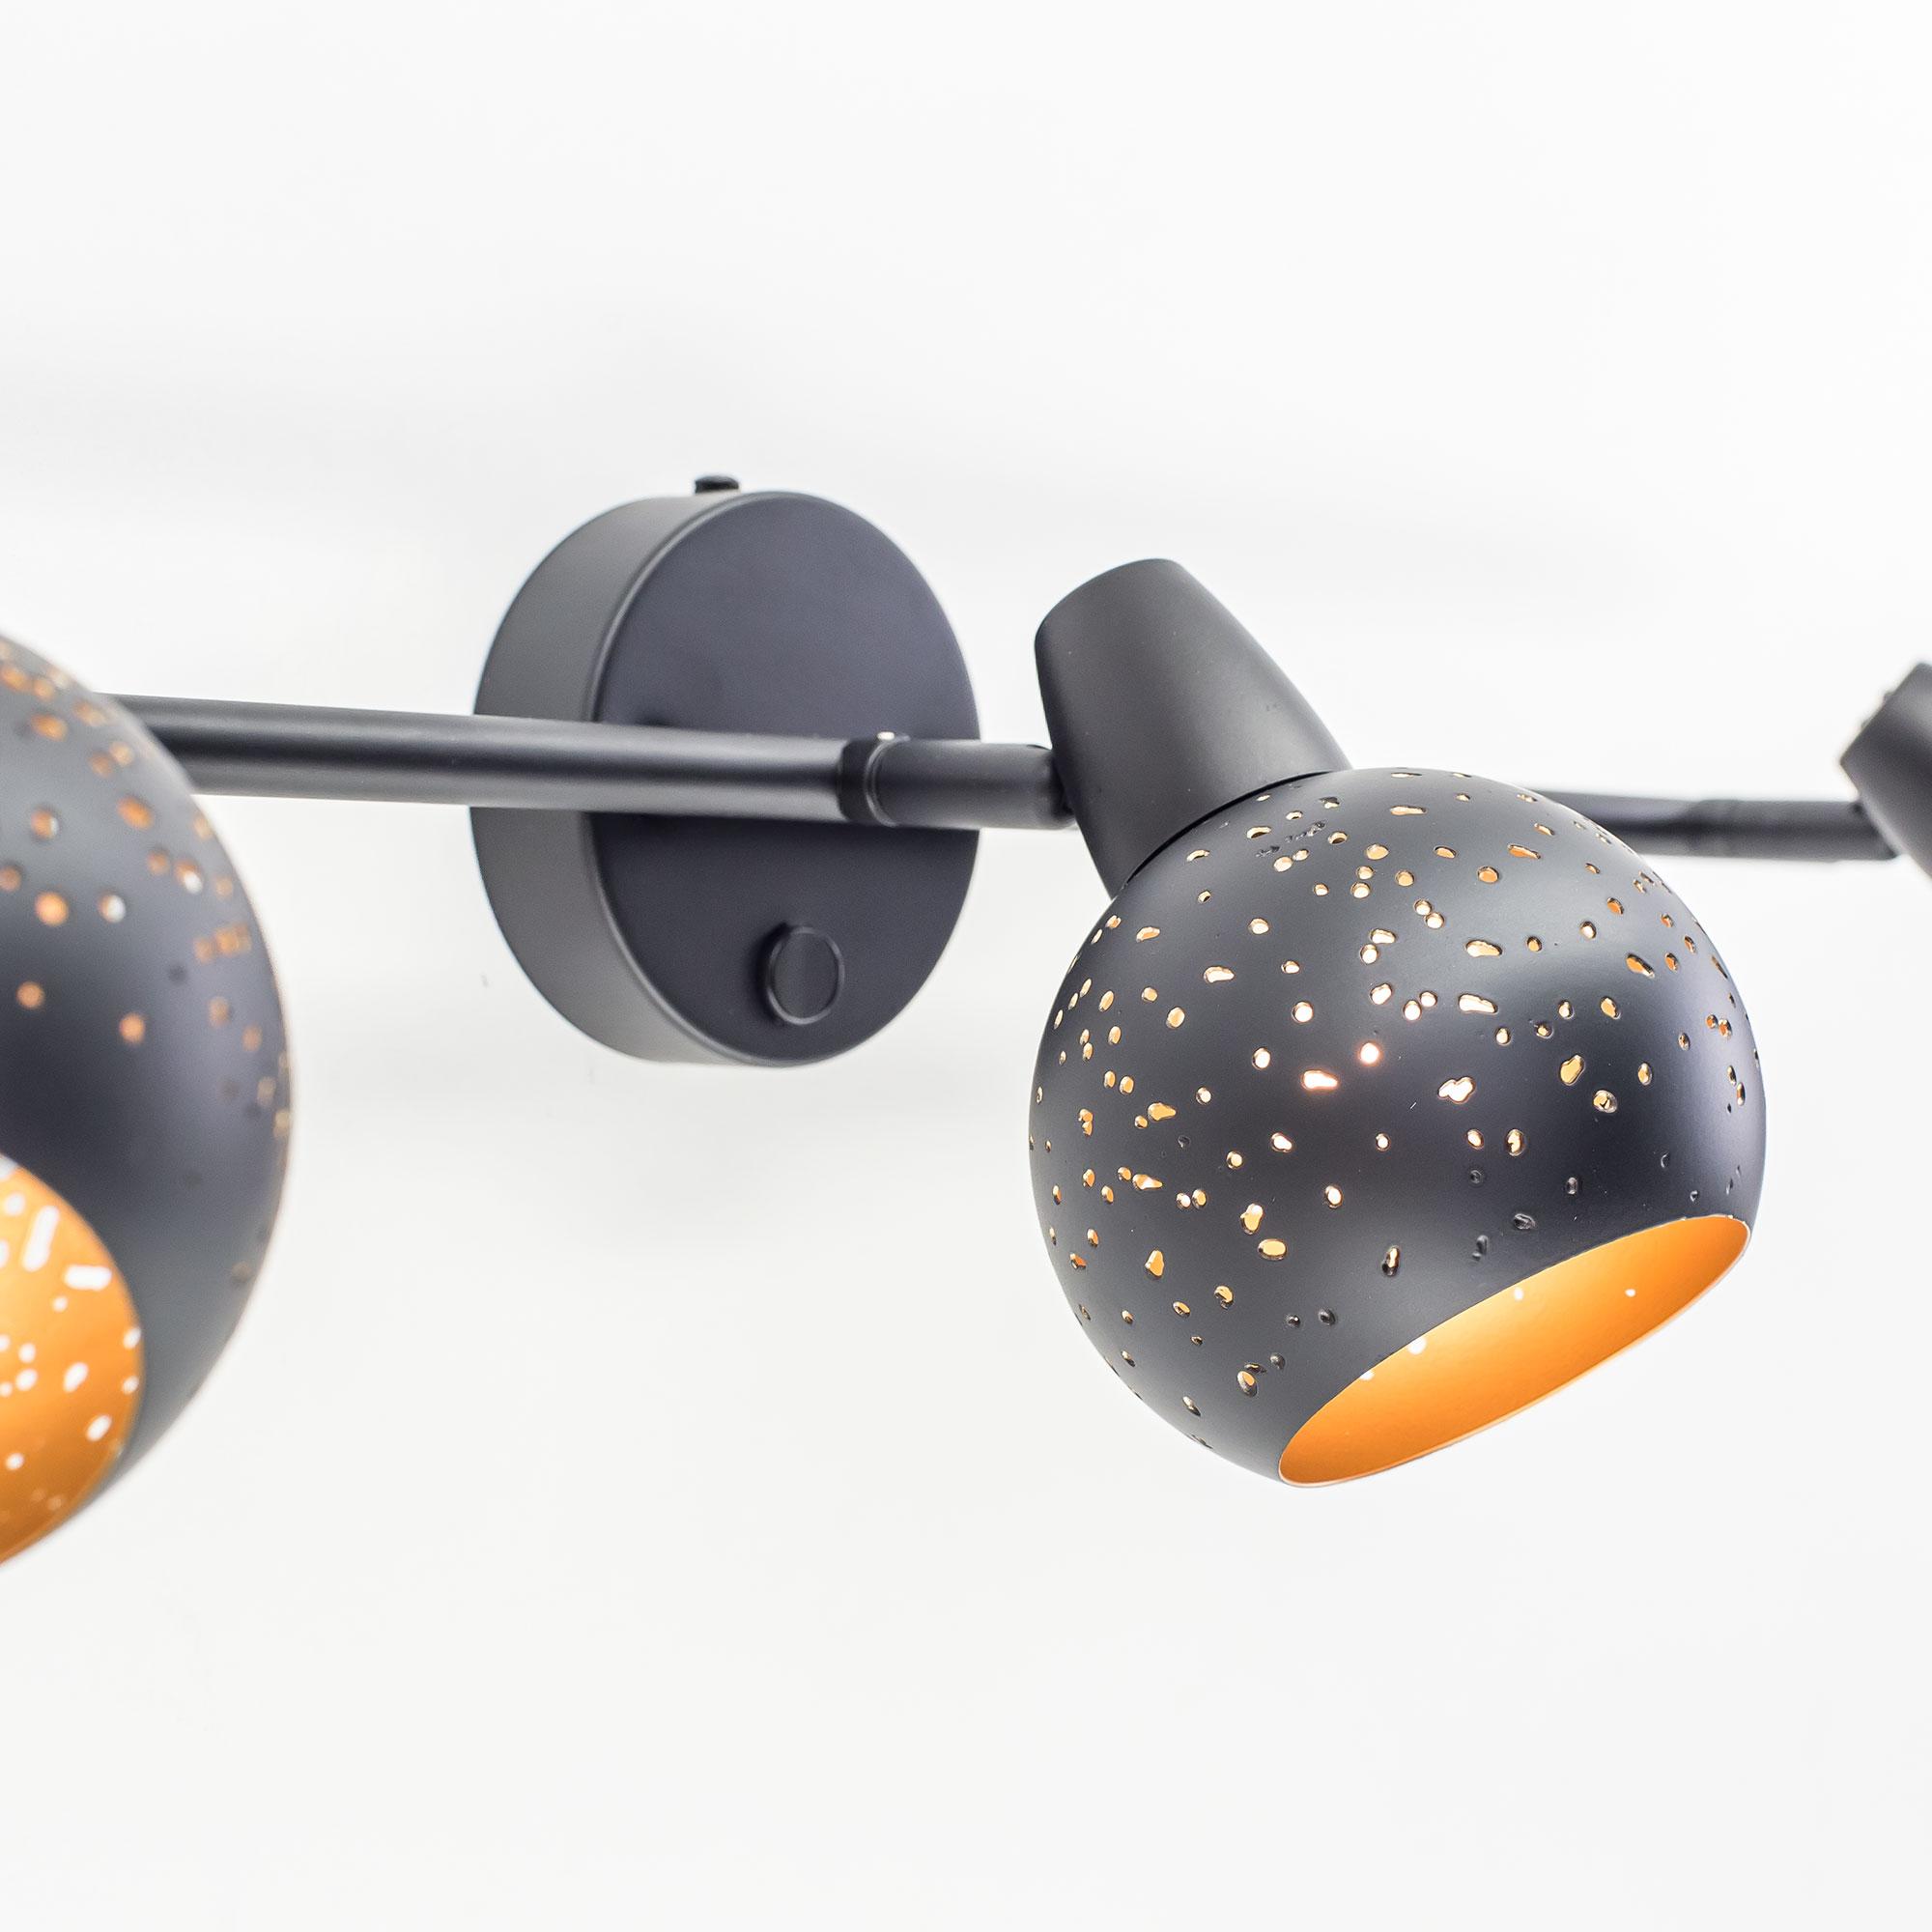 Потолочные светильники CL504532 Деко Citilux